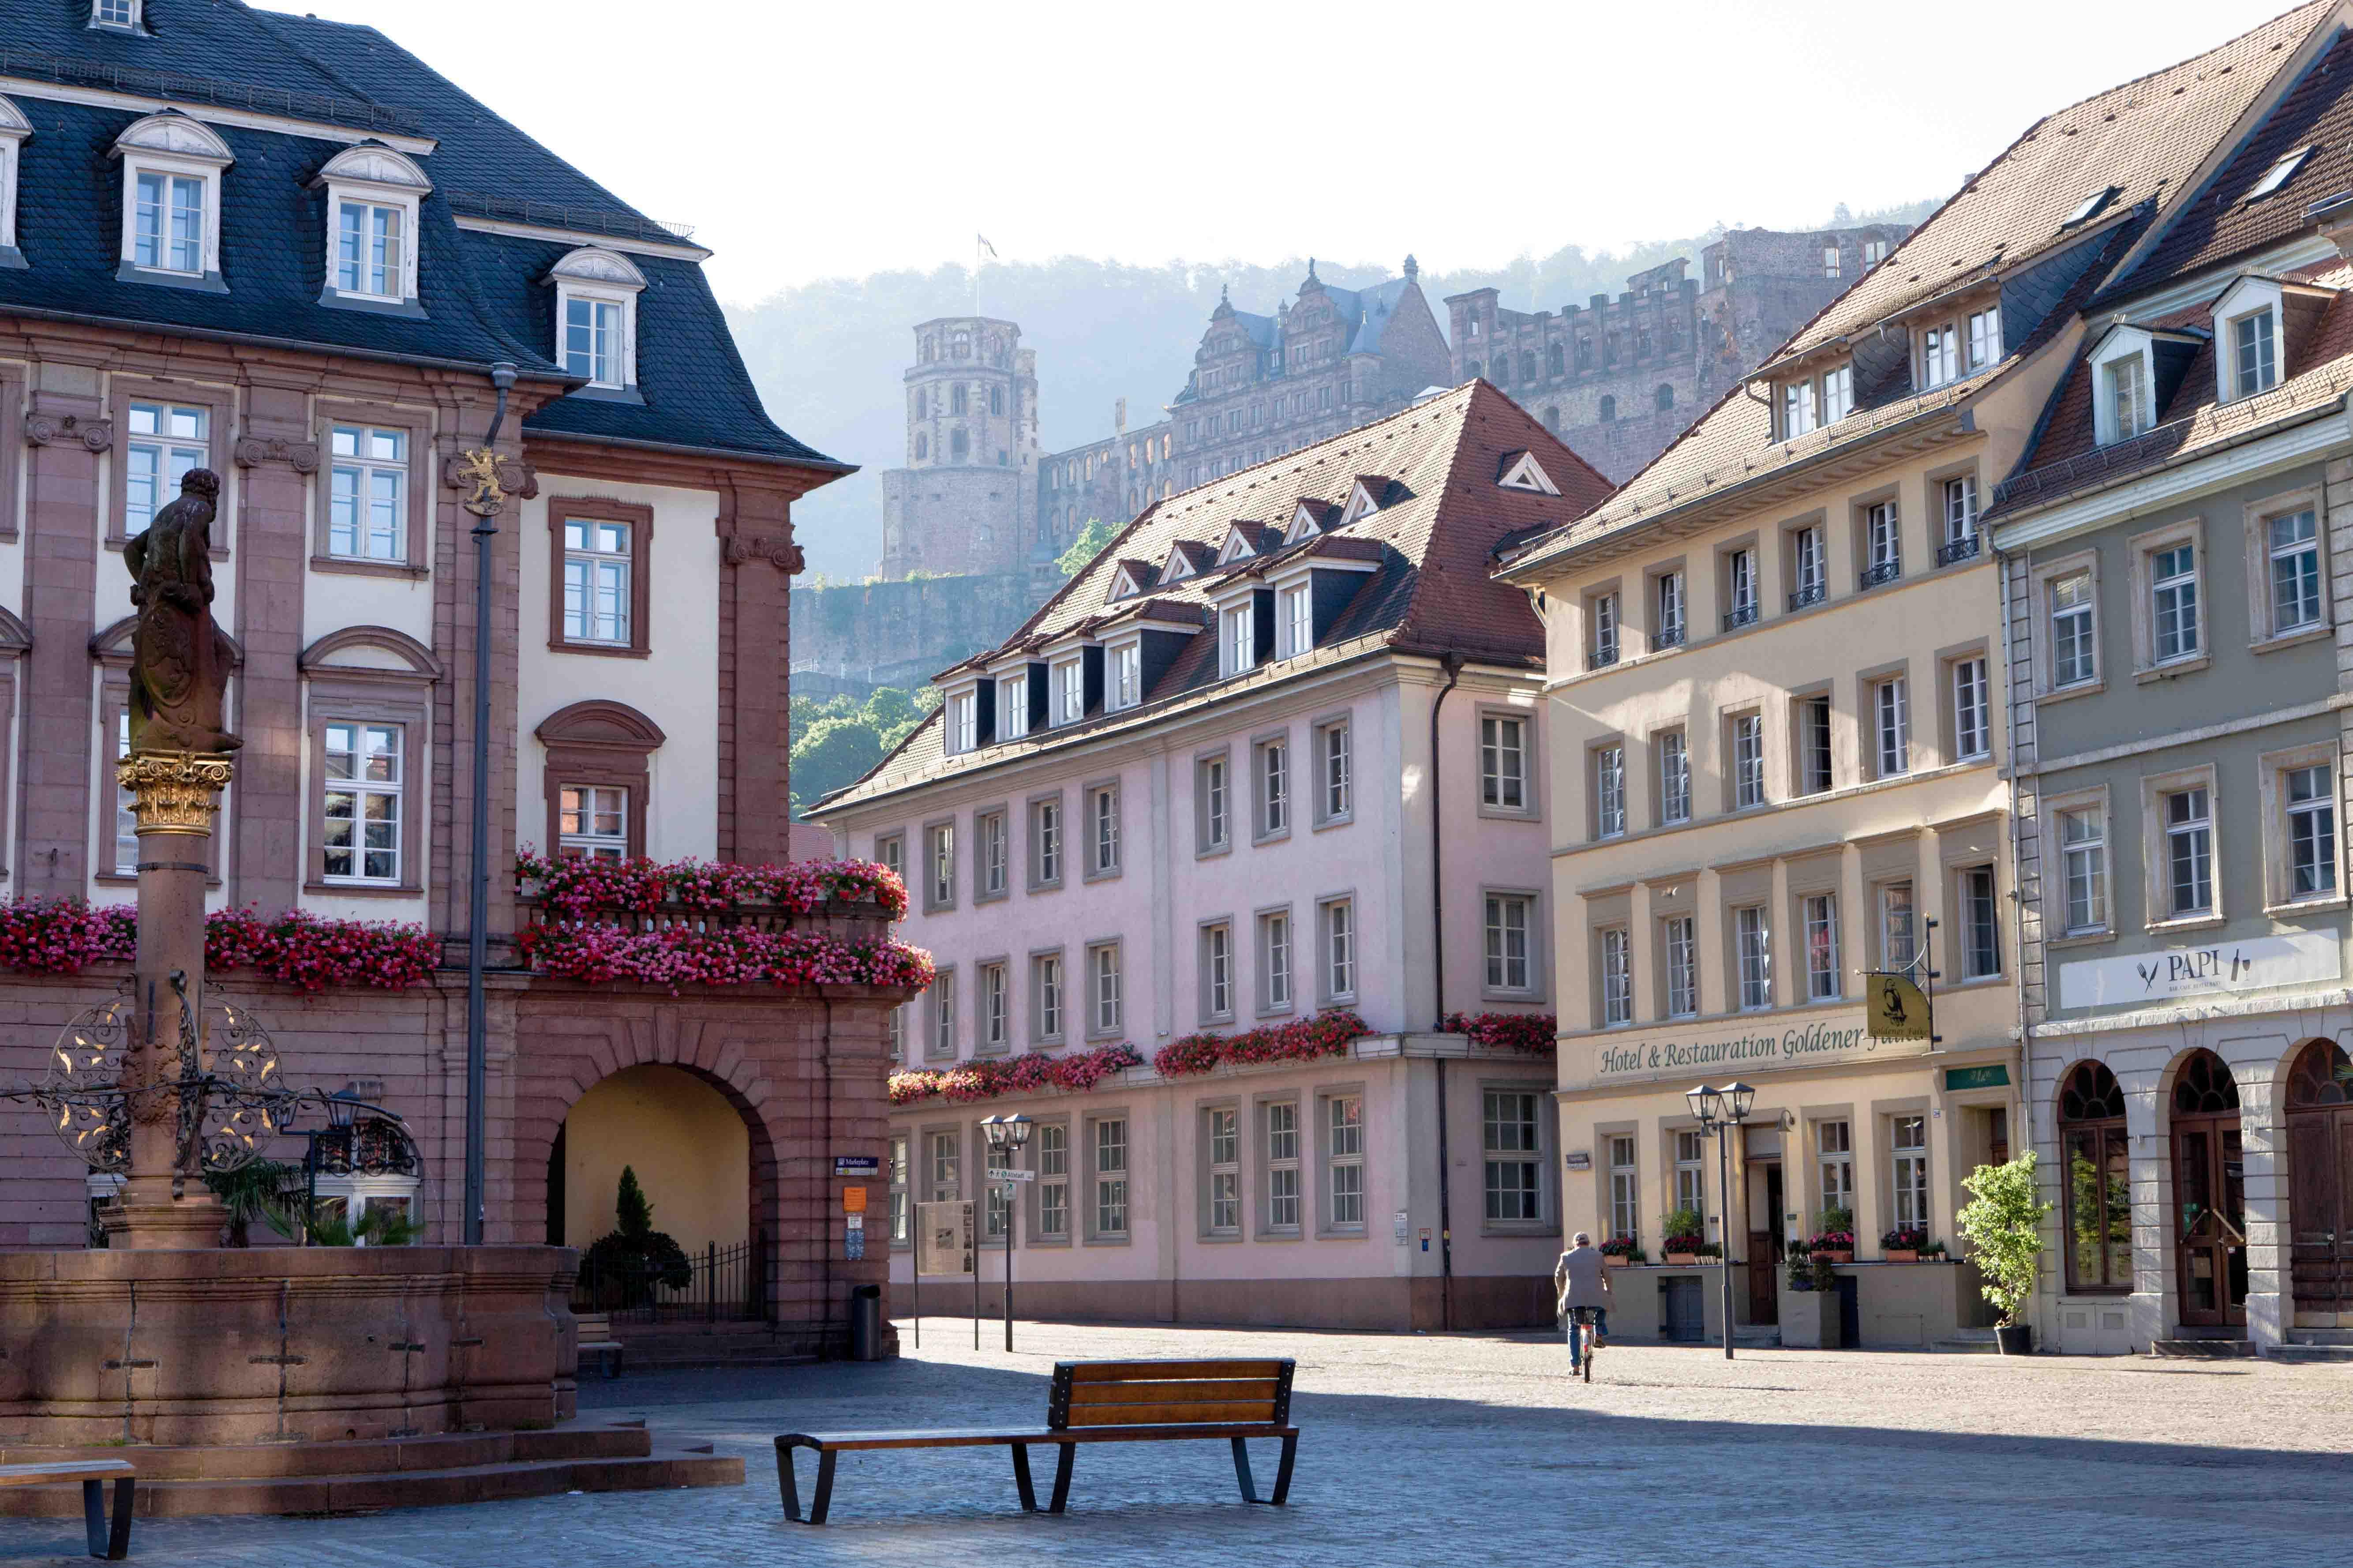 Fotografie Heidelberg heidelberg hochzeitsfotograf